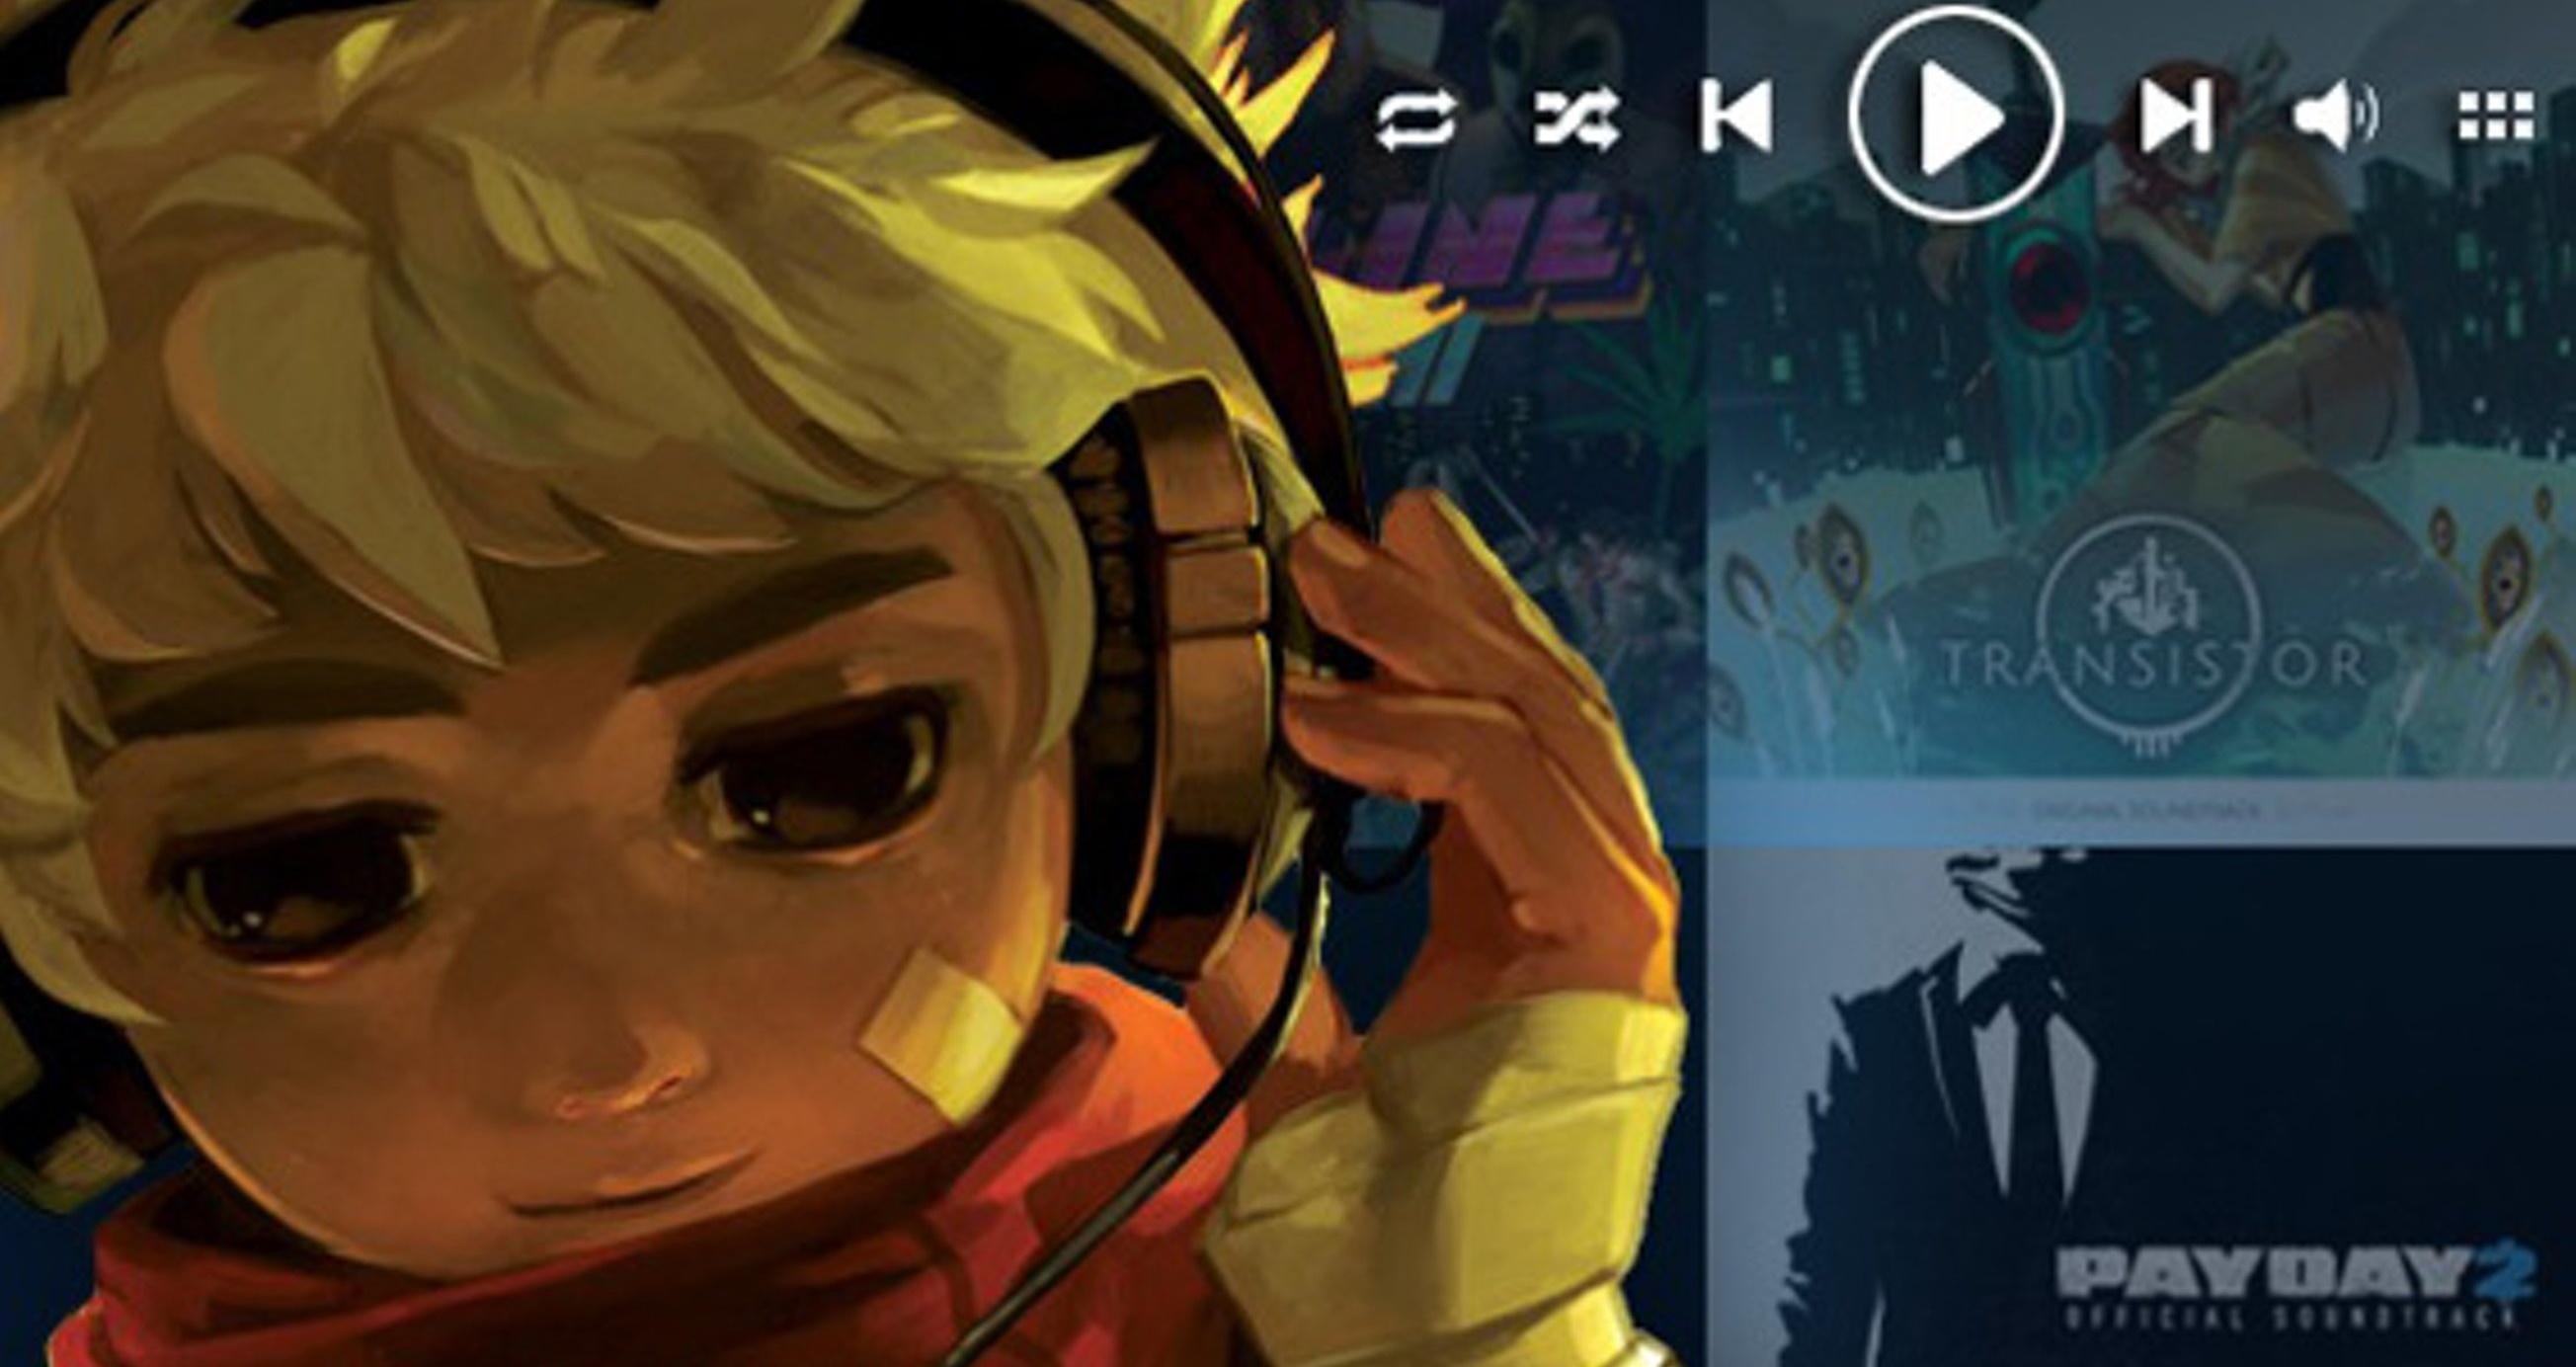 Распродажа саундтреков может стартовать в Steam сегодня